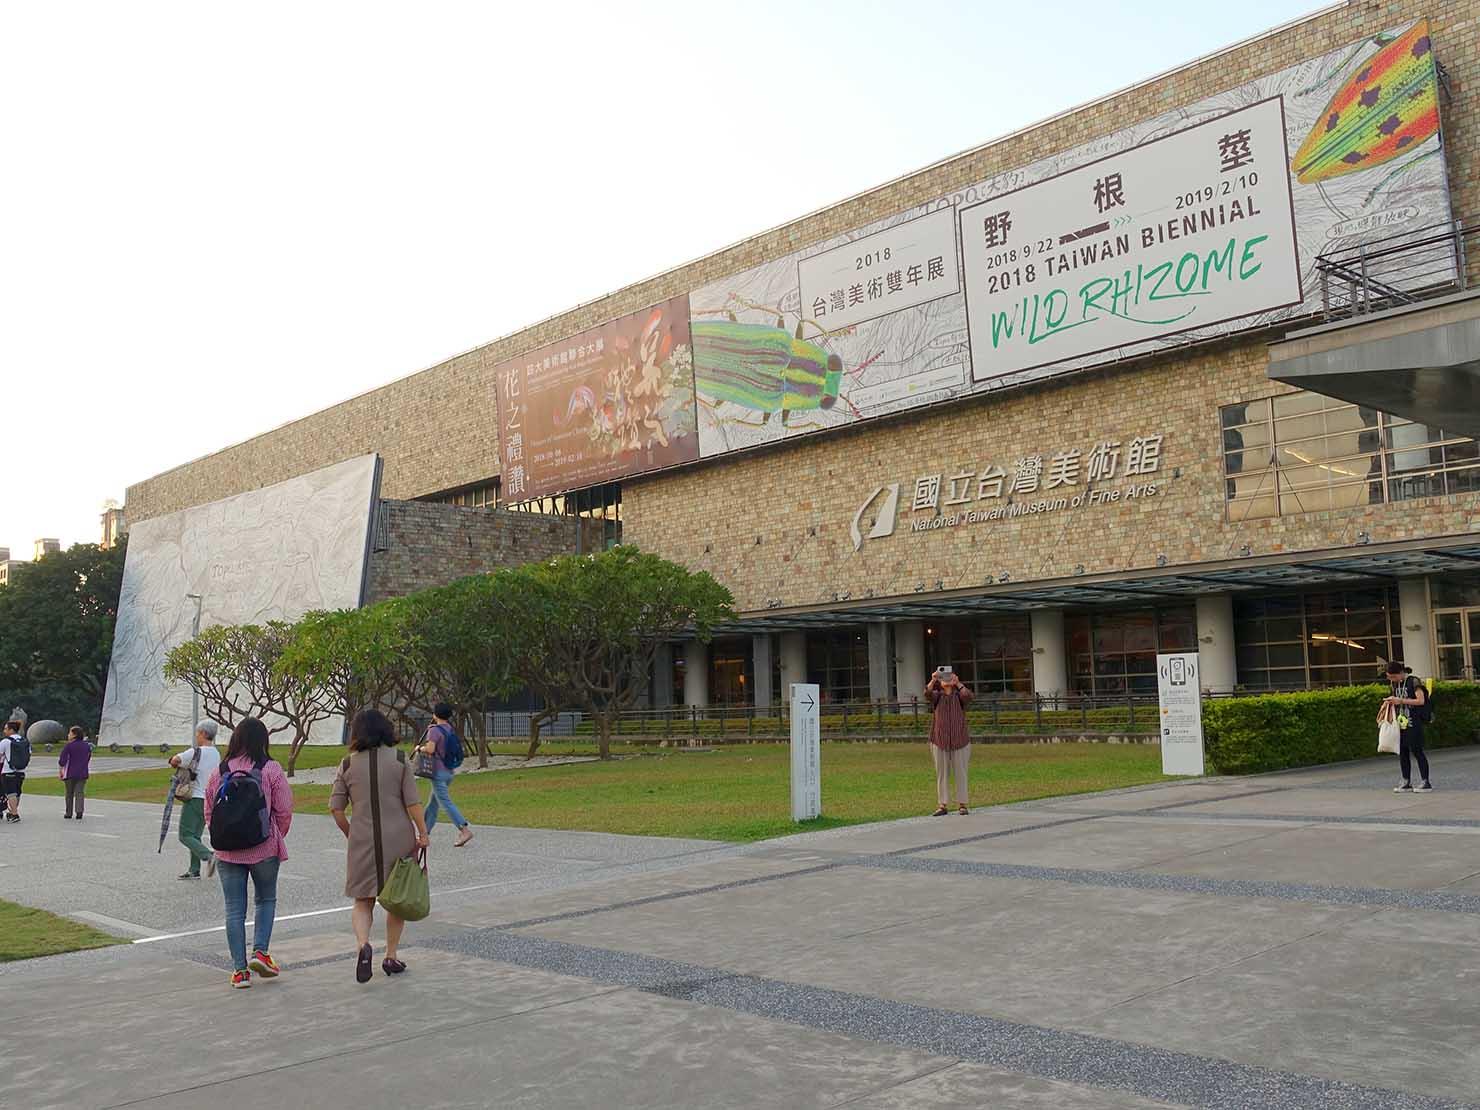 台中観光のおすすめスポット「國立台灣美術館」